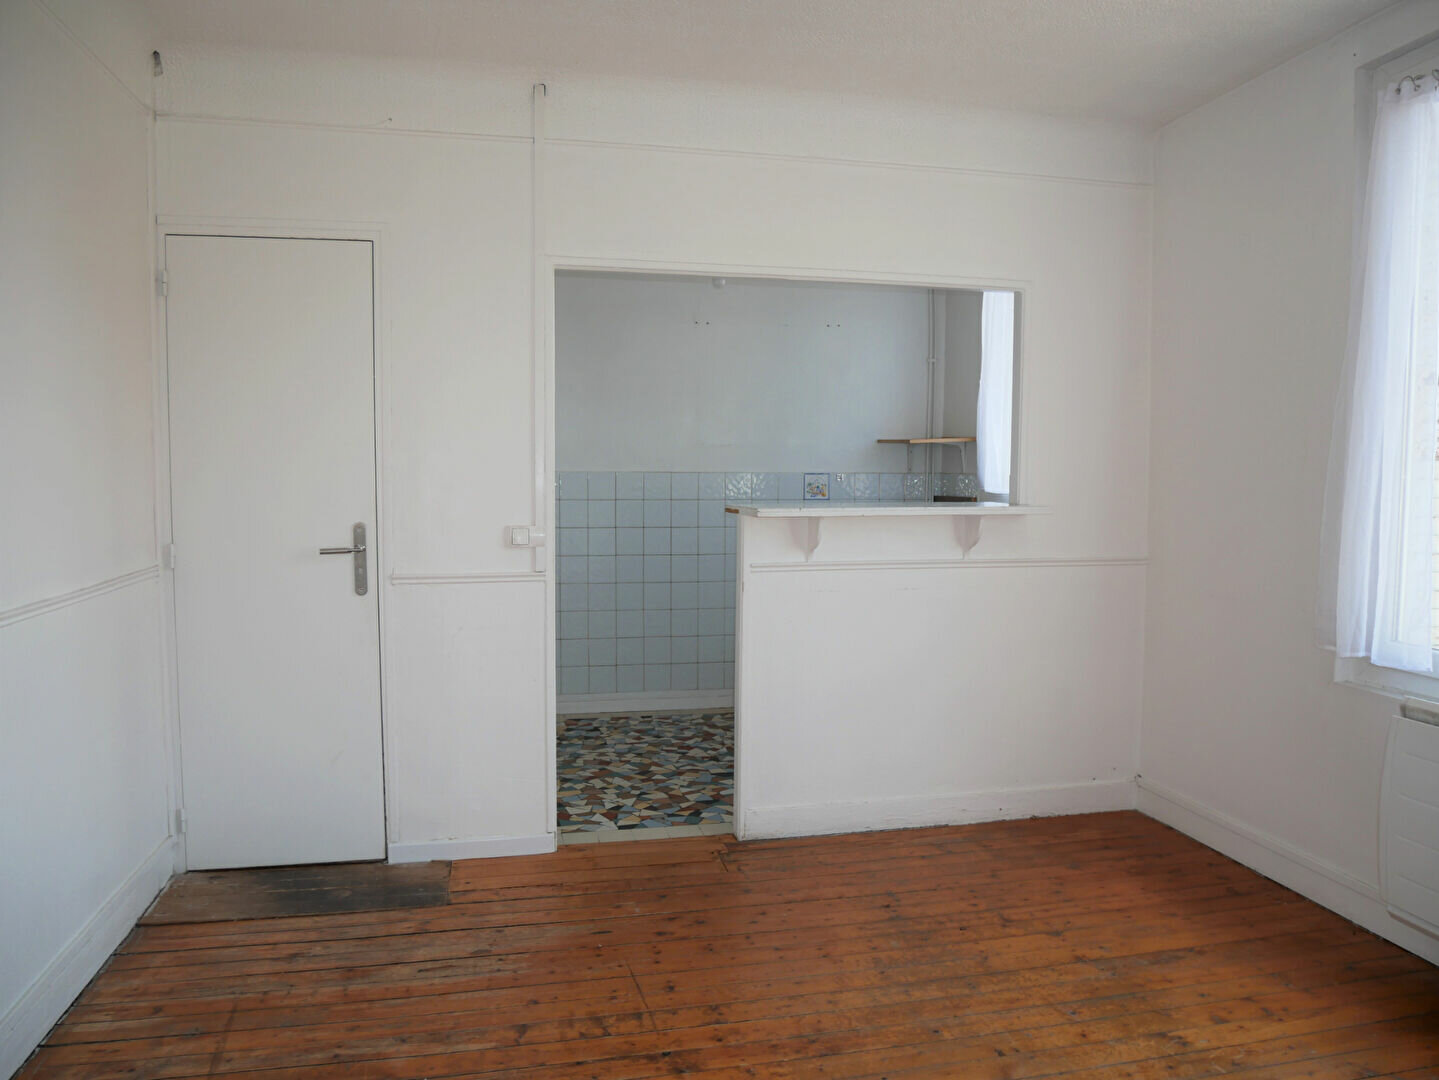 Appartement à louer 2 35.81m2 à Meaux vignette-3